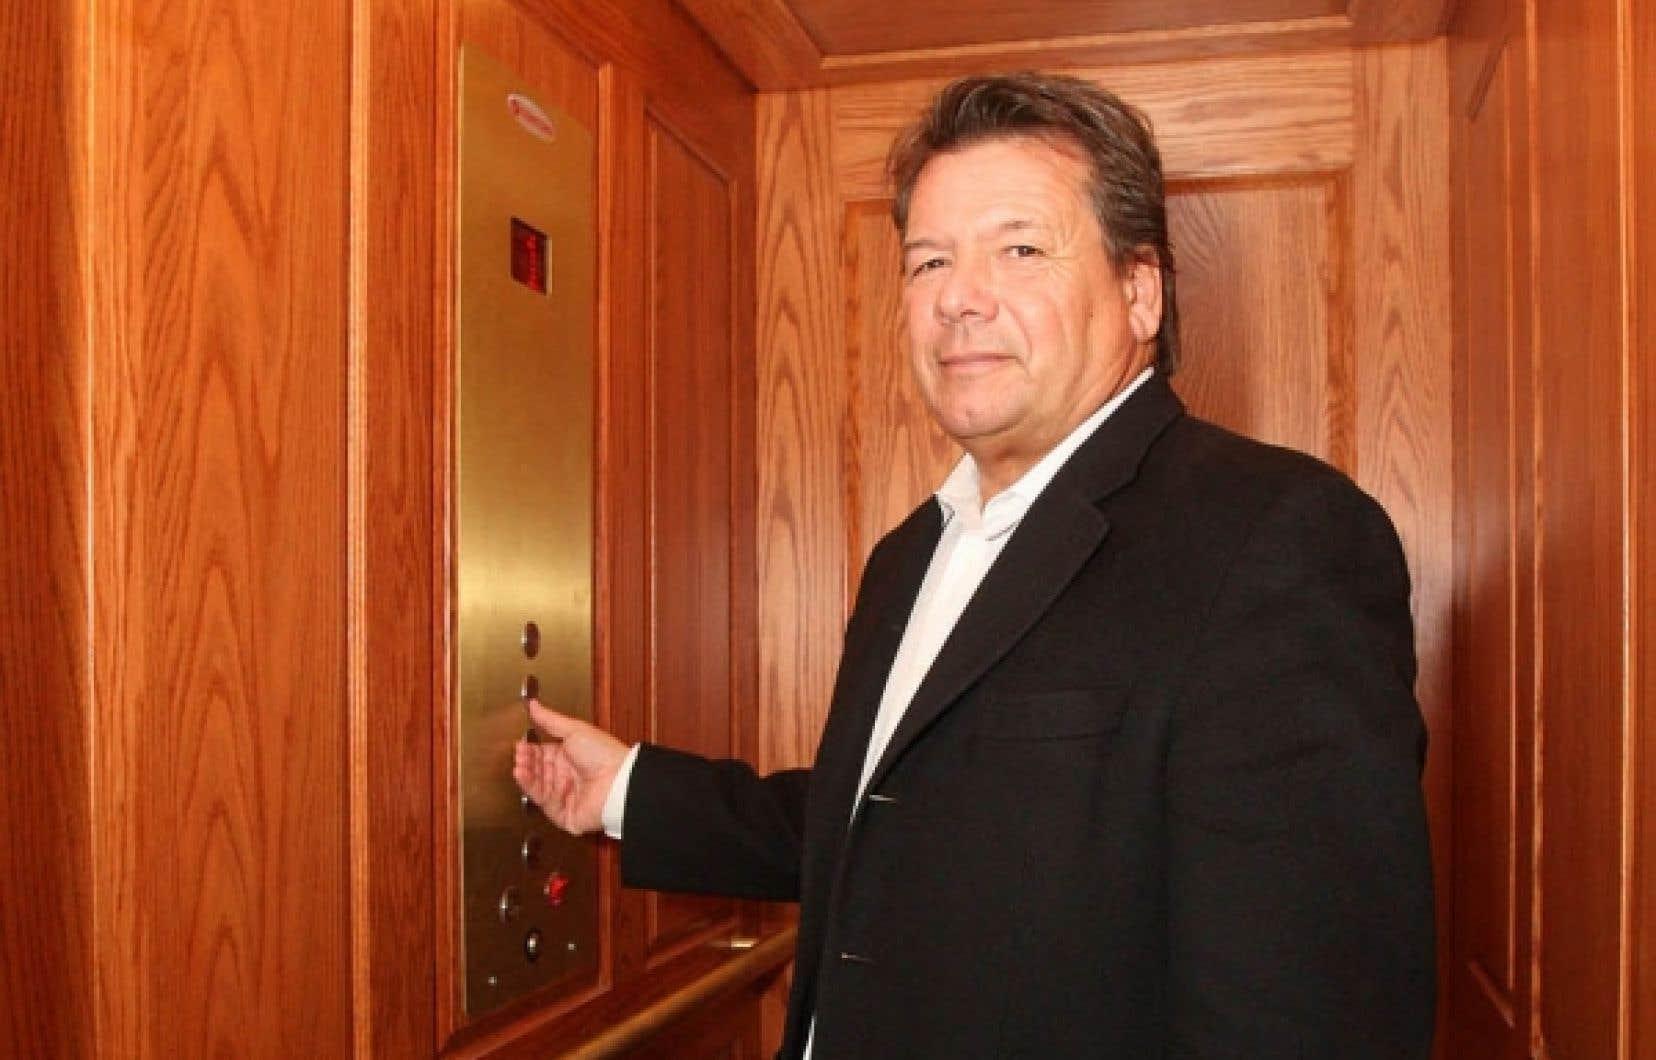 Un ascenseur résidentiel dont le coût se situe entre 25 000 et 30 000 $ peut ajouter 10 % à la valeur d'une propriété, avance Marcel Bourassa, selon qui ce produit est encore trop peu connu au Québec.